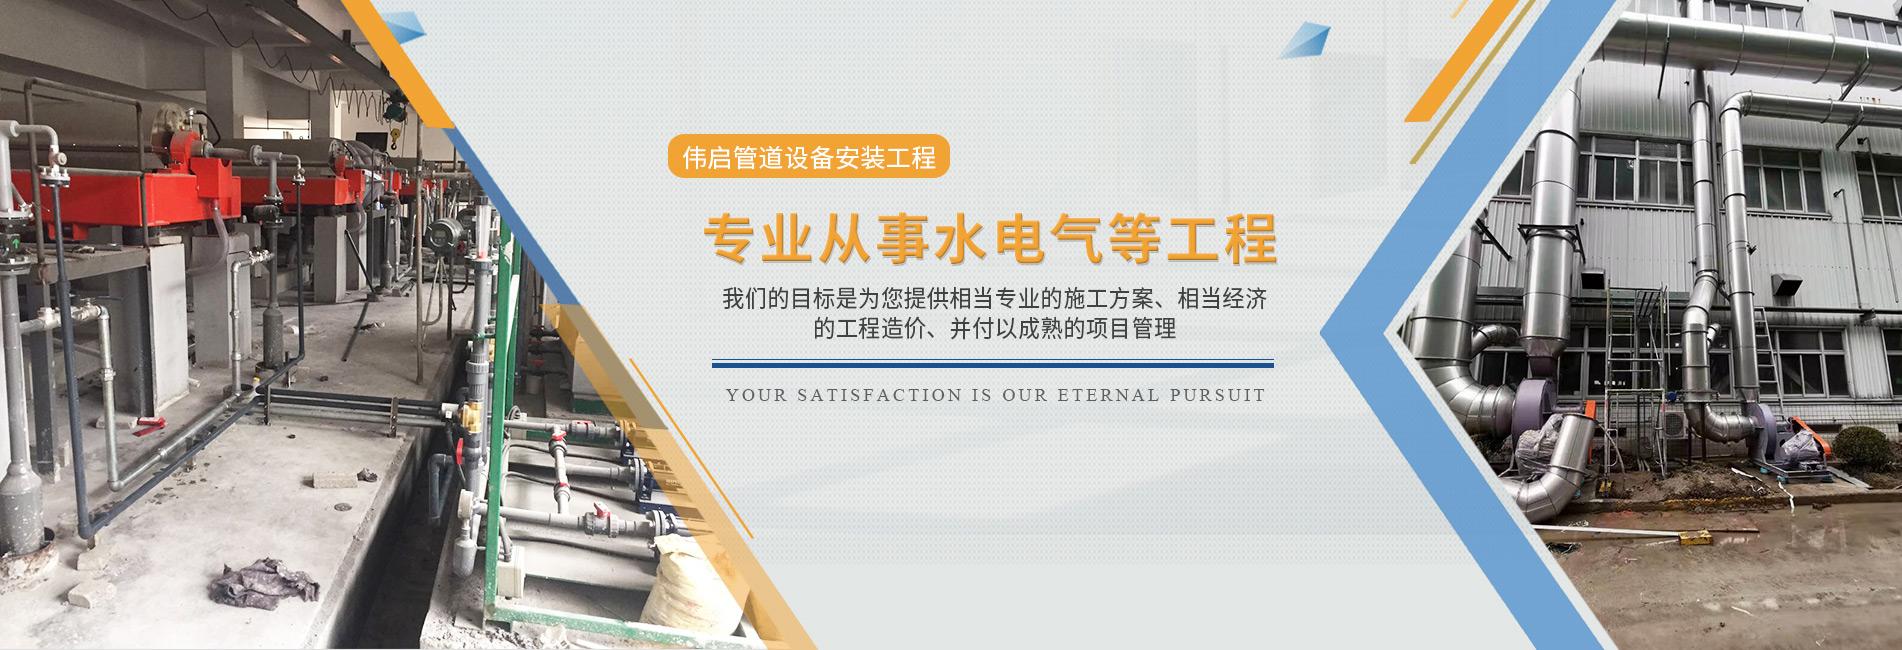 上海AG亞遊管道设备安装工程有限公司